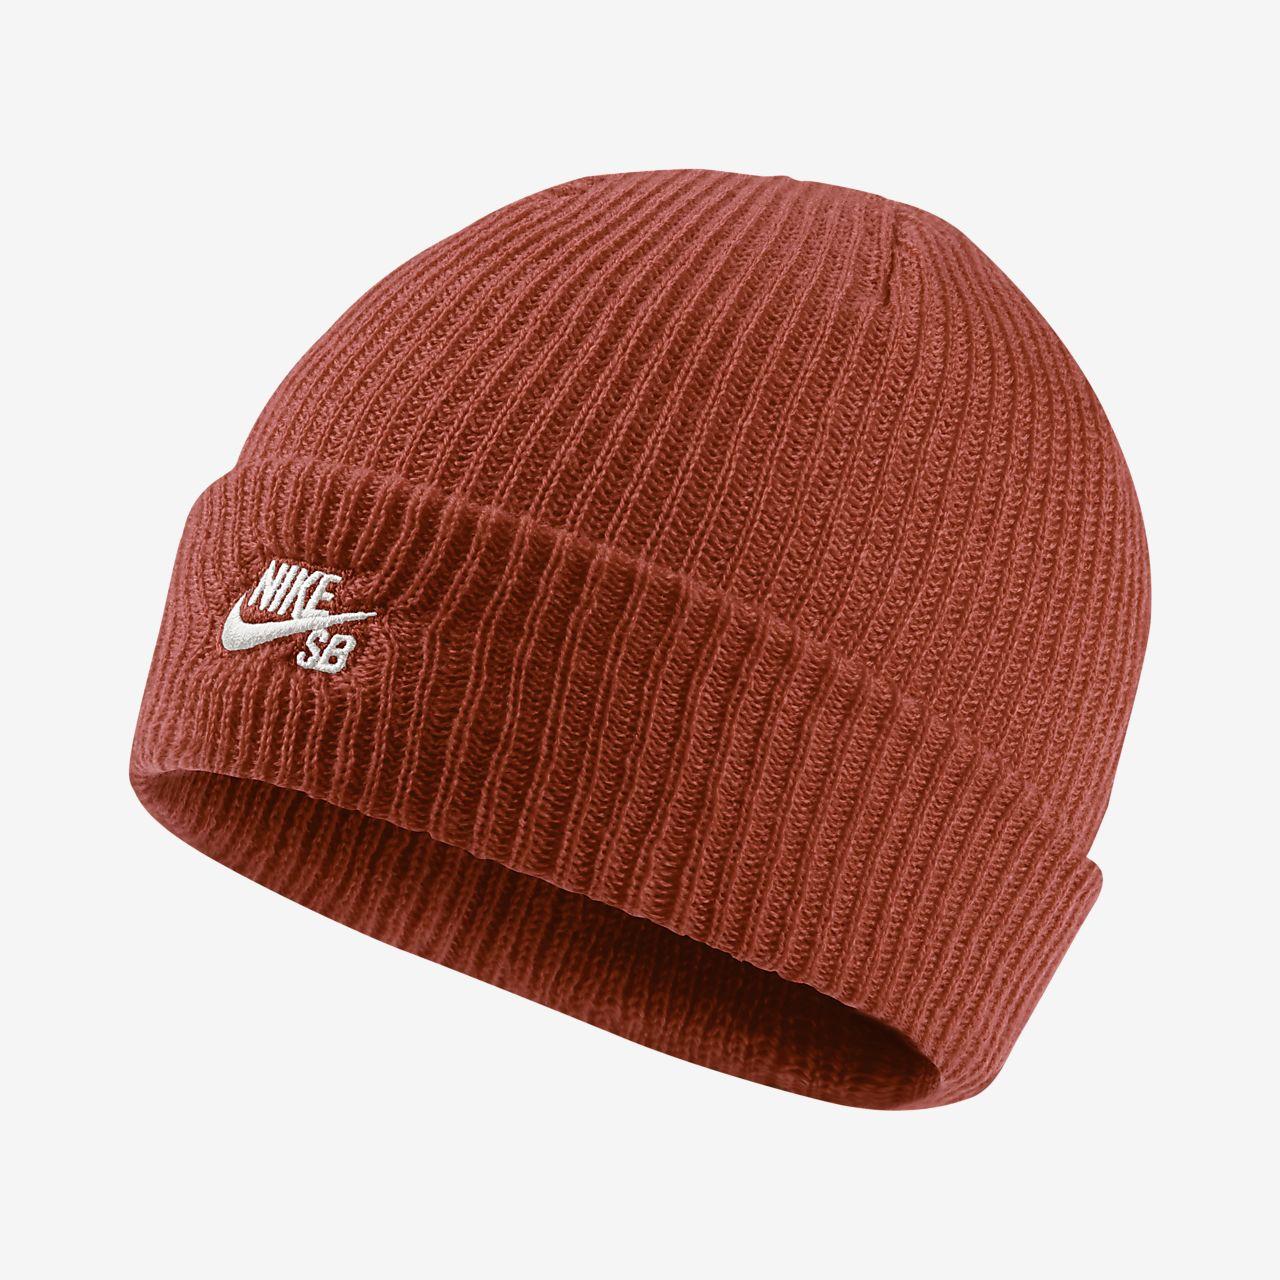 best service 4c85b 38d97 discount nike sb fisherman beanie 30a0e bca2d  australia nike sb fisherman  knit hat 42f29 b6162